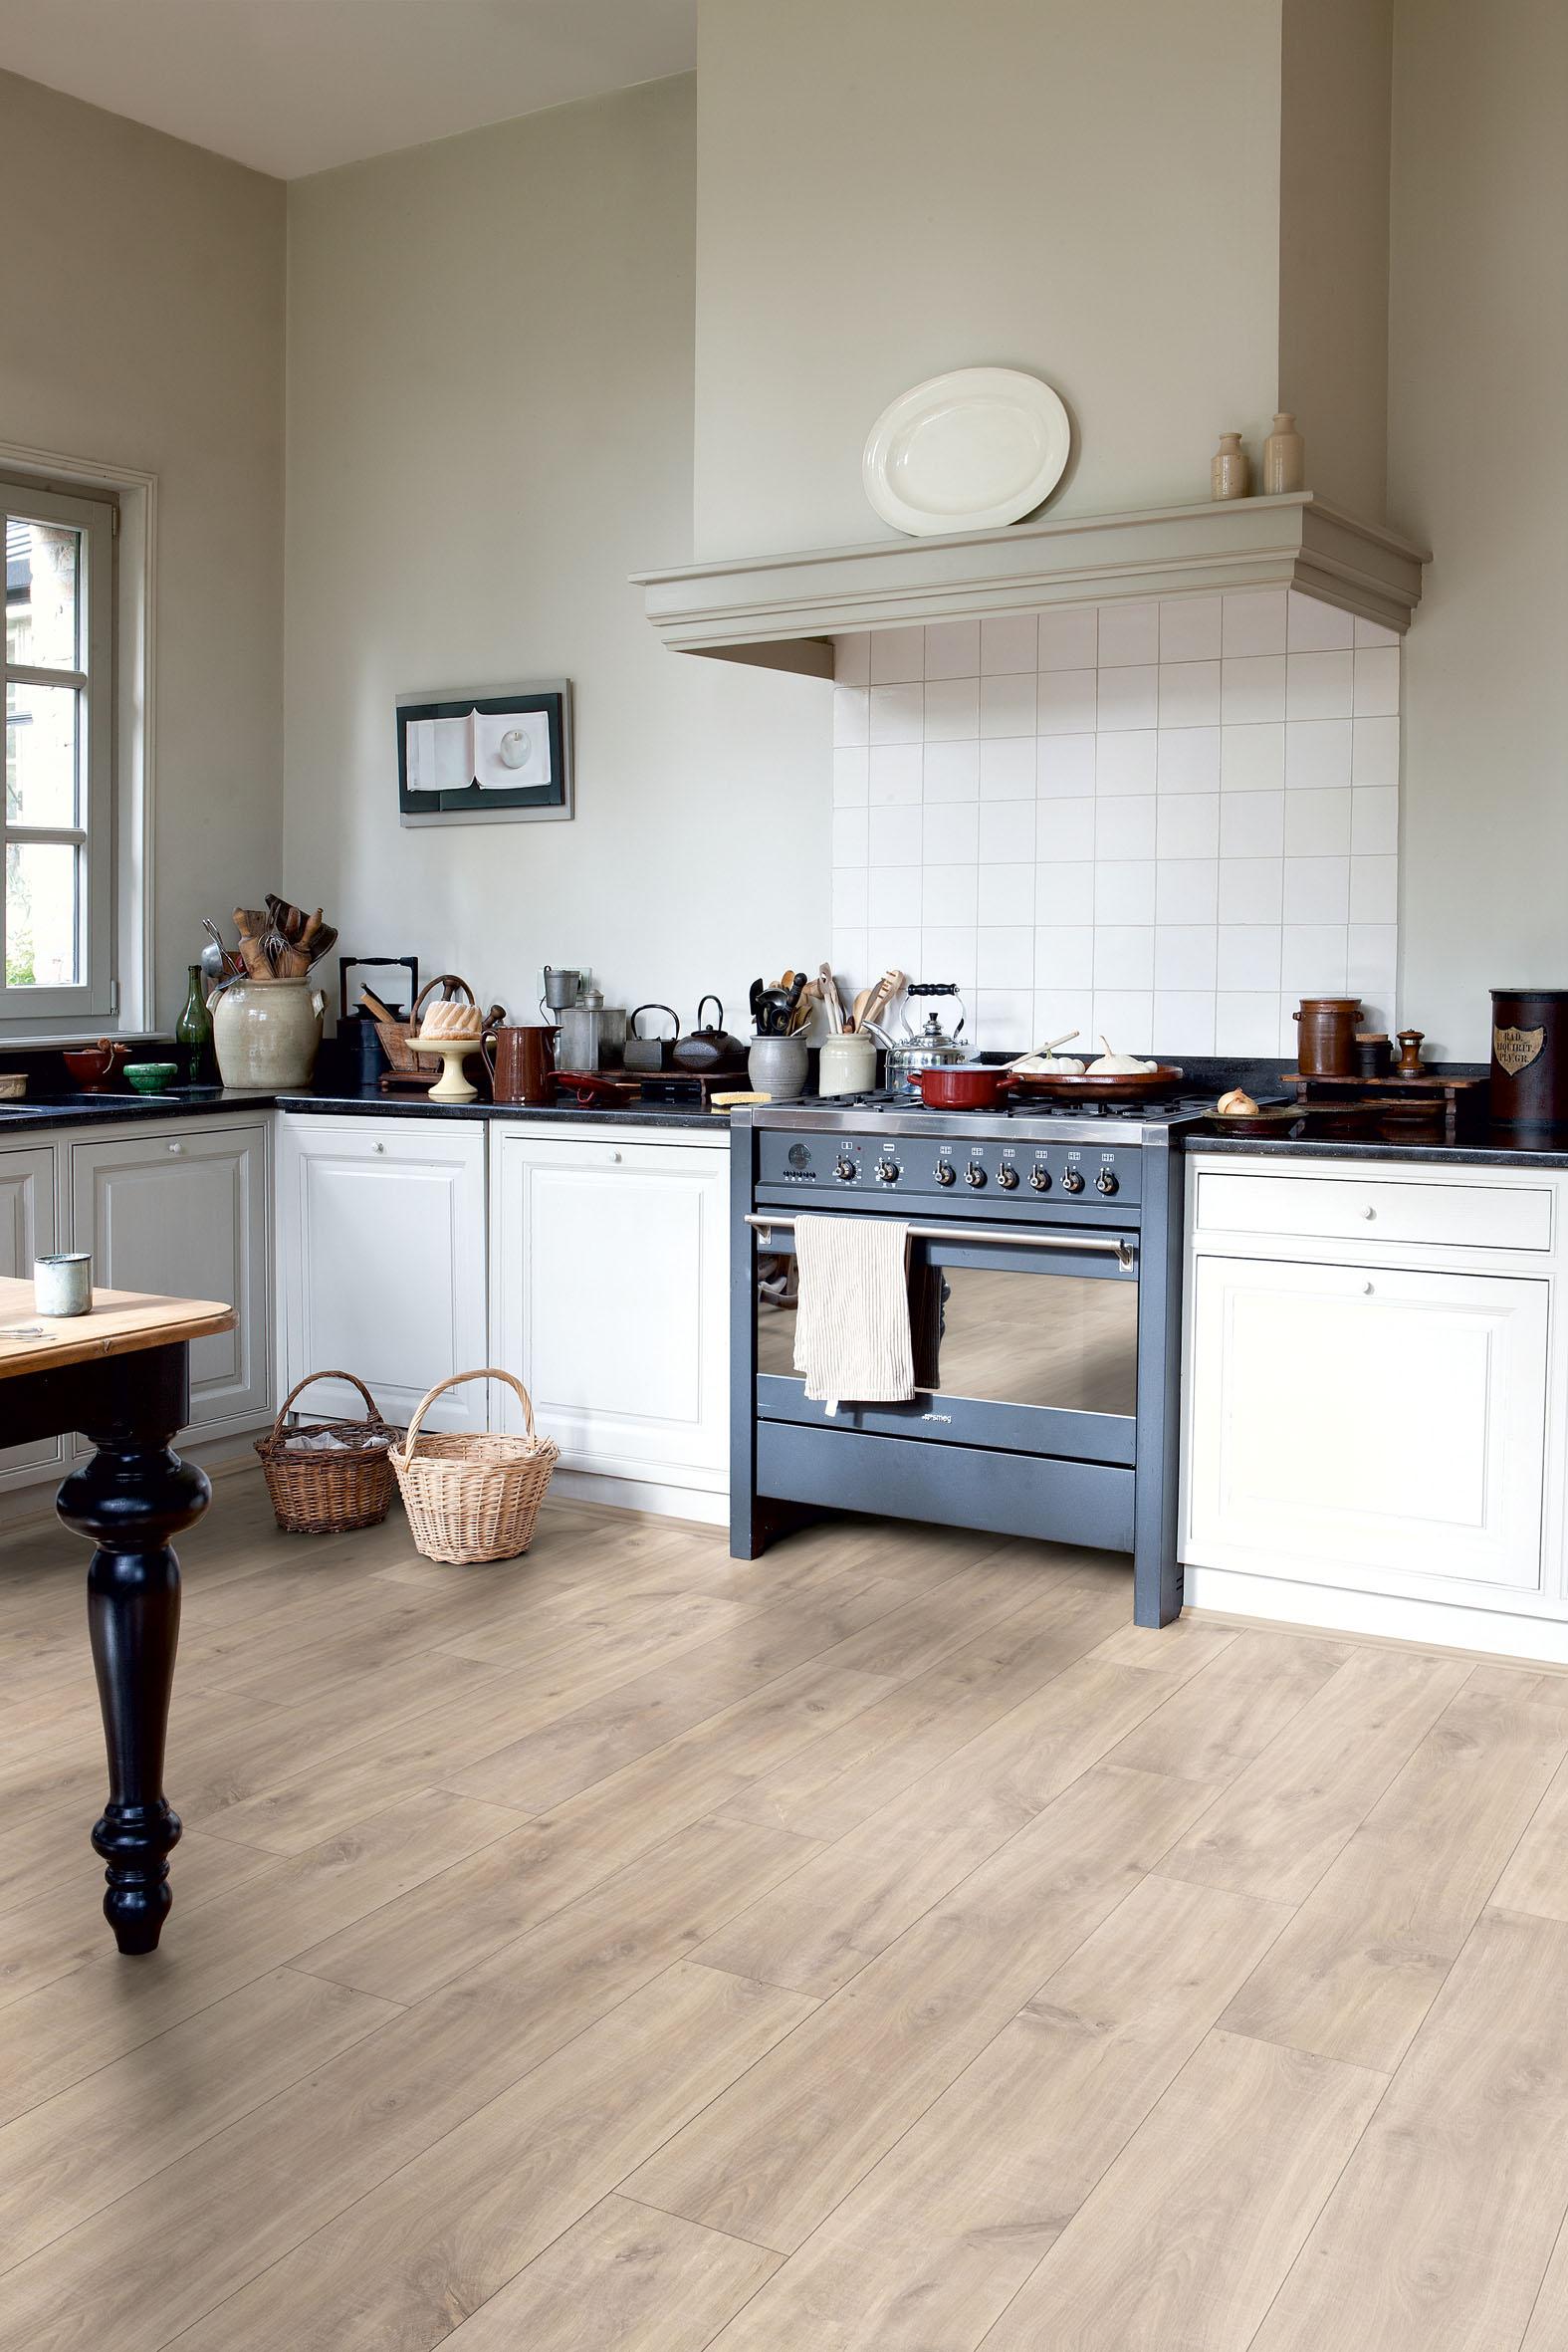 Piso Laminado Ou Vin Lico Na Cozinha Por Que N O Blog Decore